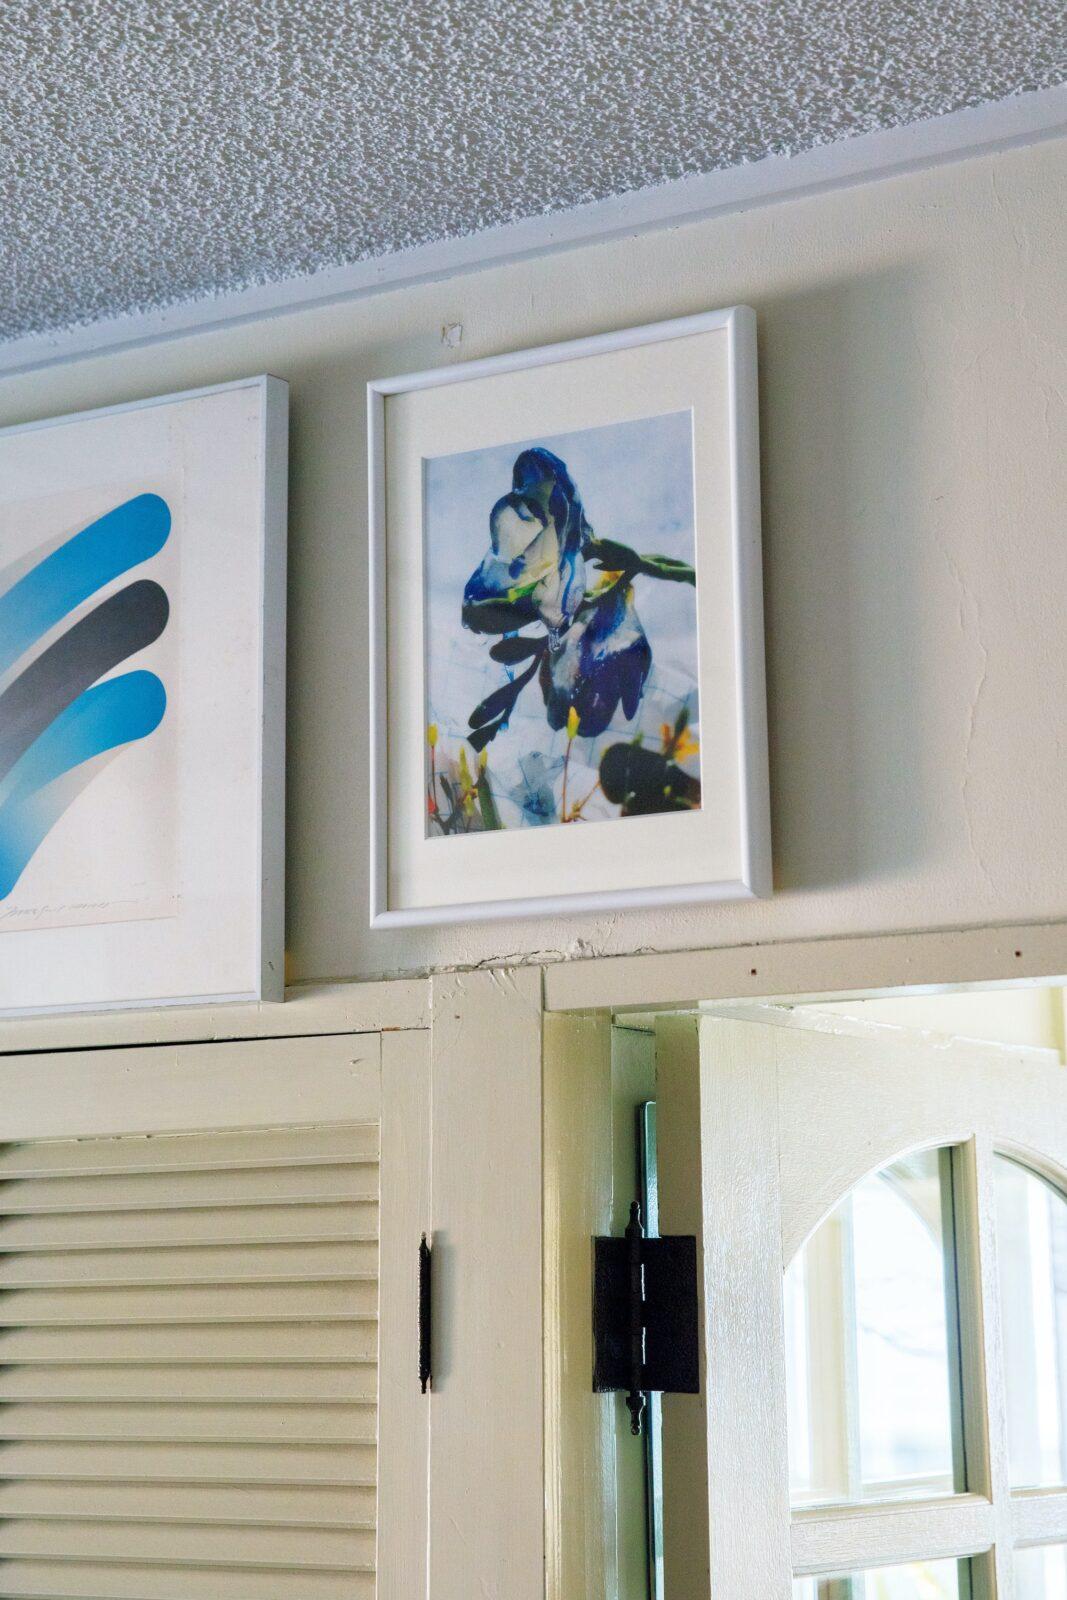 ダイニングの壁に飾るアートは適宜アップデートする。左は〈アウトオブミュージアム〉で購入した版画家、原健のリトグラフ。右はコロナ禍のドネーションに参加して入手した、フランスの写真家、アルノー・ラジュニエが撮影した花。